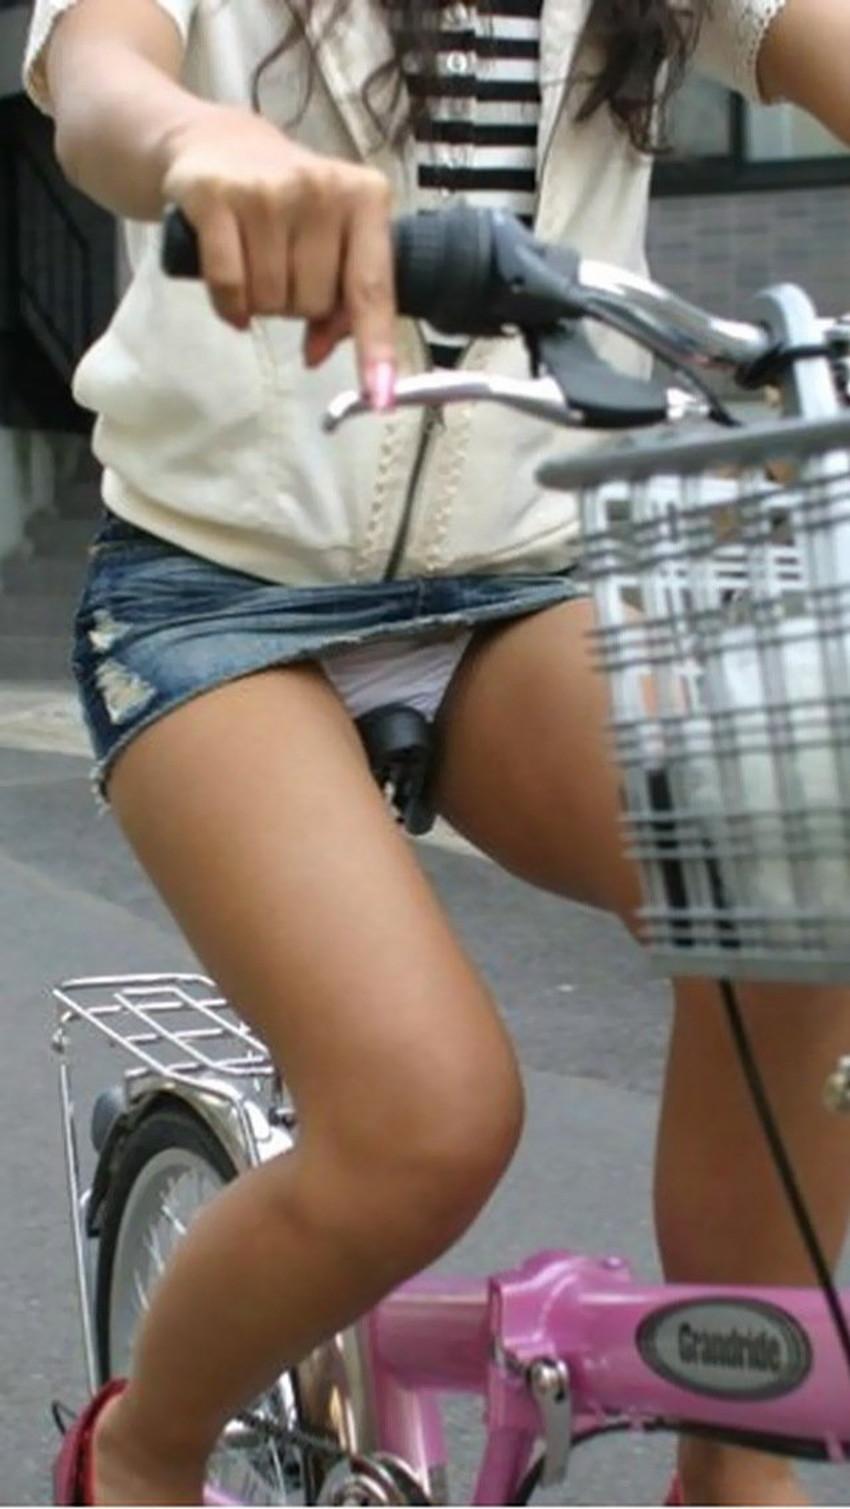 【チャリパンチラエロ画像】ヒラヒラスカートの自転車女子は要注意!走行中や停車中にパンチラした瞬間を盗撮したチャリパンチラのエロ画像集!ww【80枚】 52